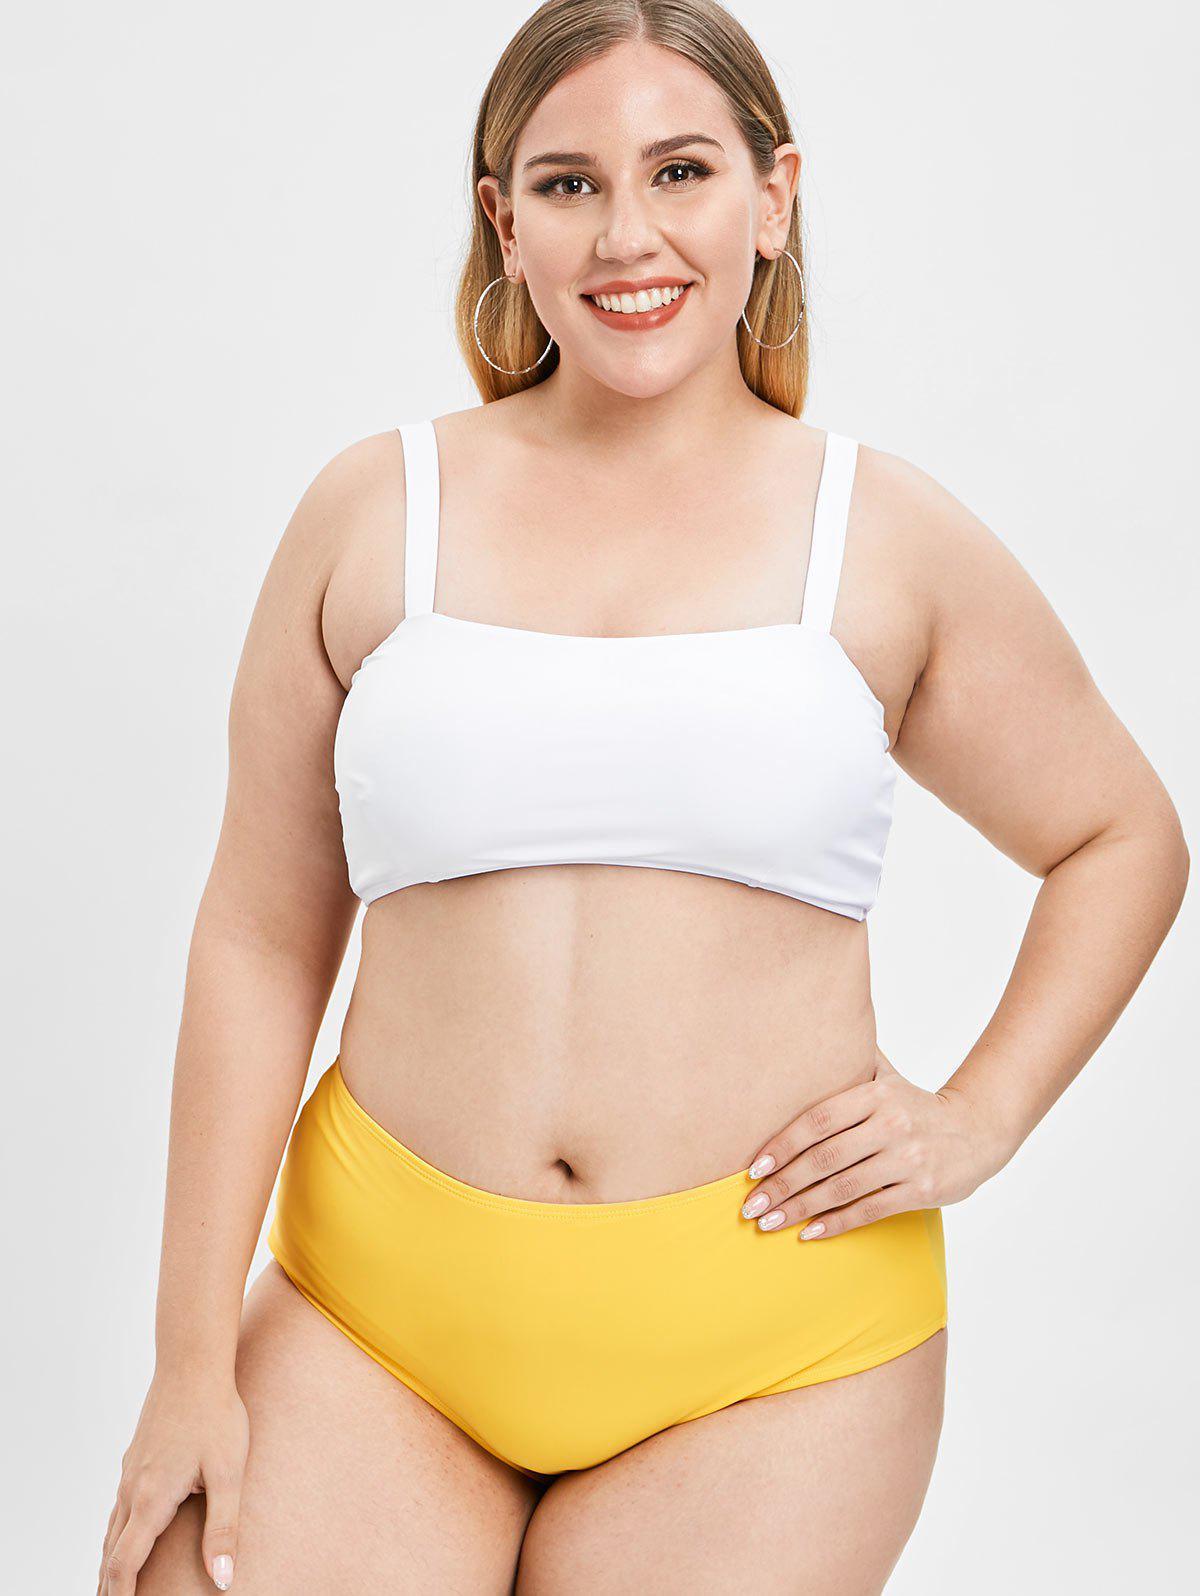 Padded Plus Size High Waisted Bikini Set, Bee yellow